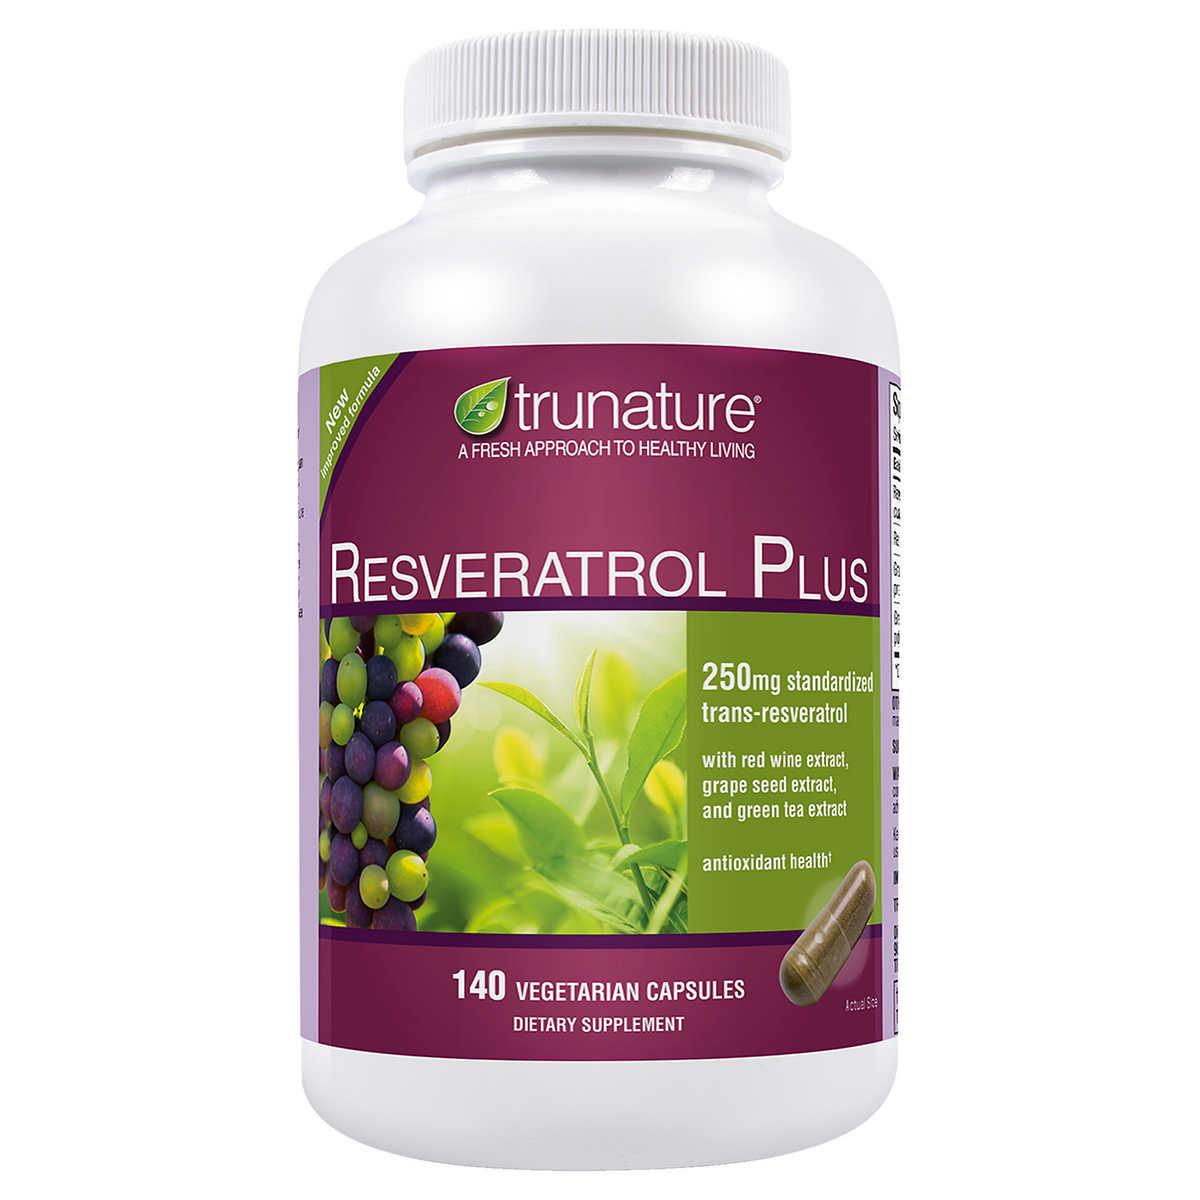 Trunature Resveratrol Plus 140 Vegetarian Capsules